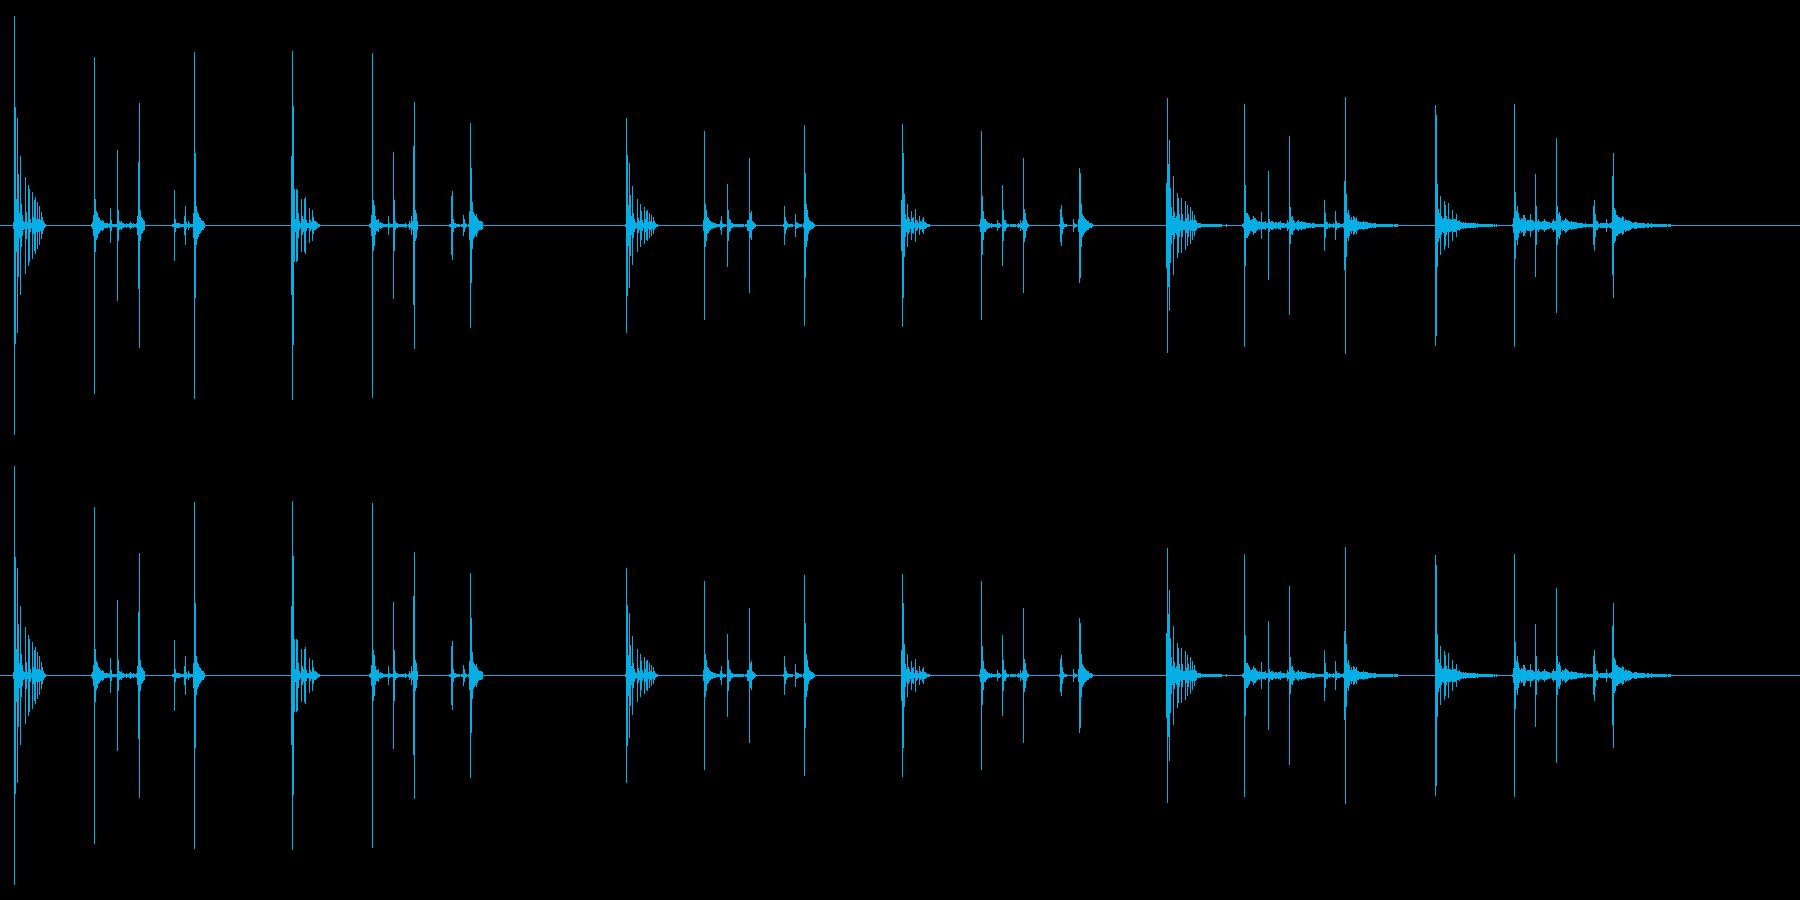 ハッチヒップ-2バージョンX 3ス...の再生済みの波形